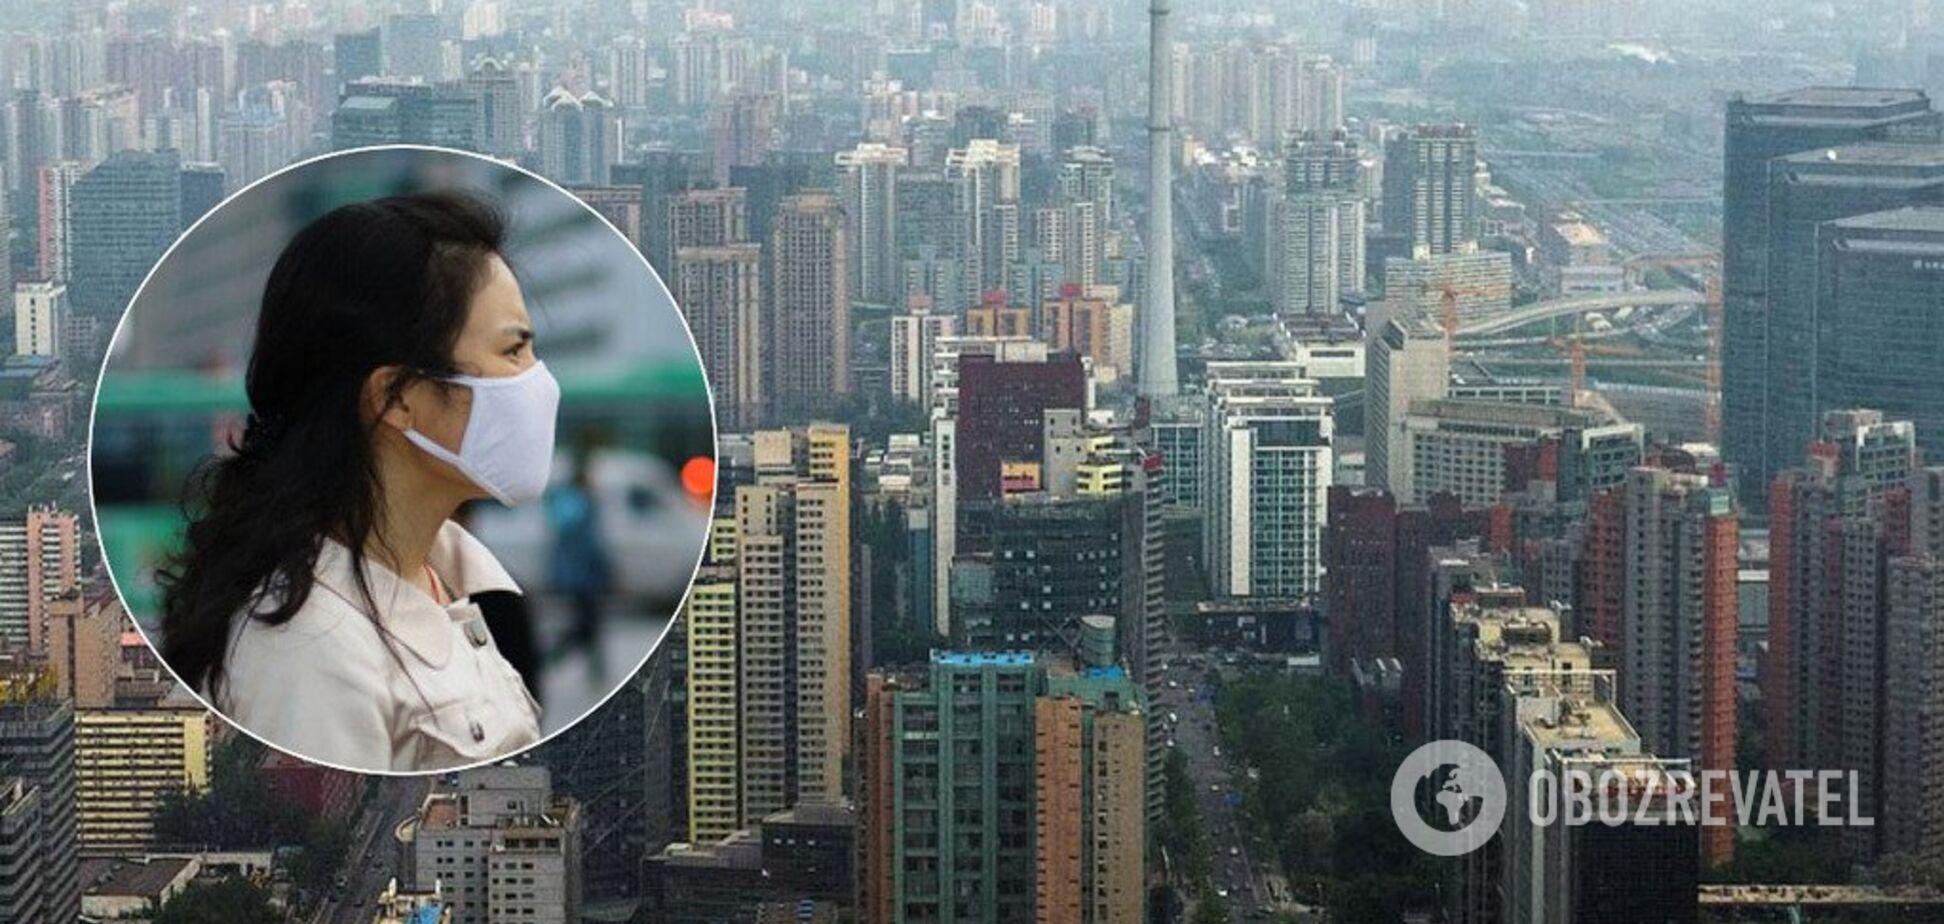 Їли кажанів: у Китаї озвучили несподівану версію появи коронавірусу